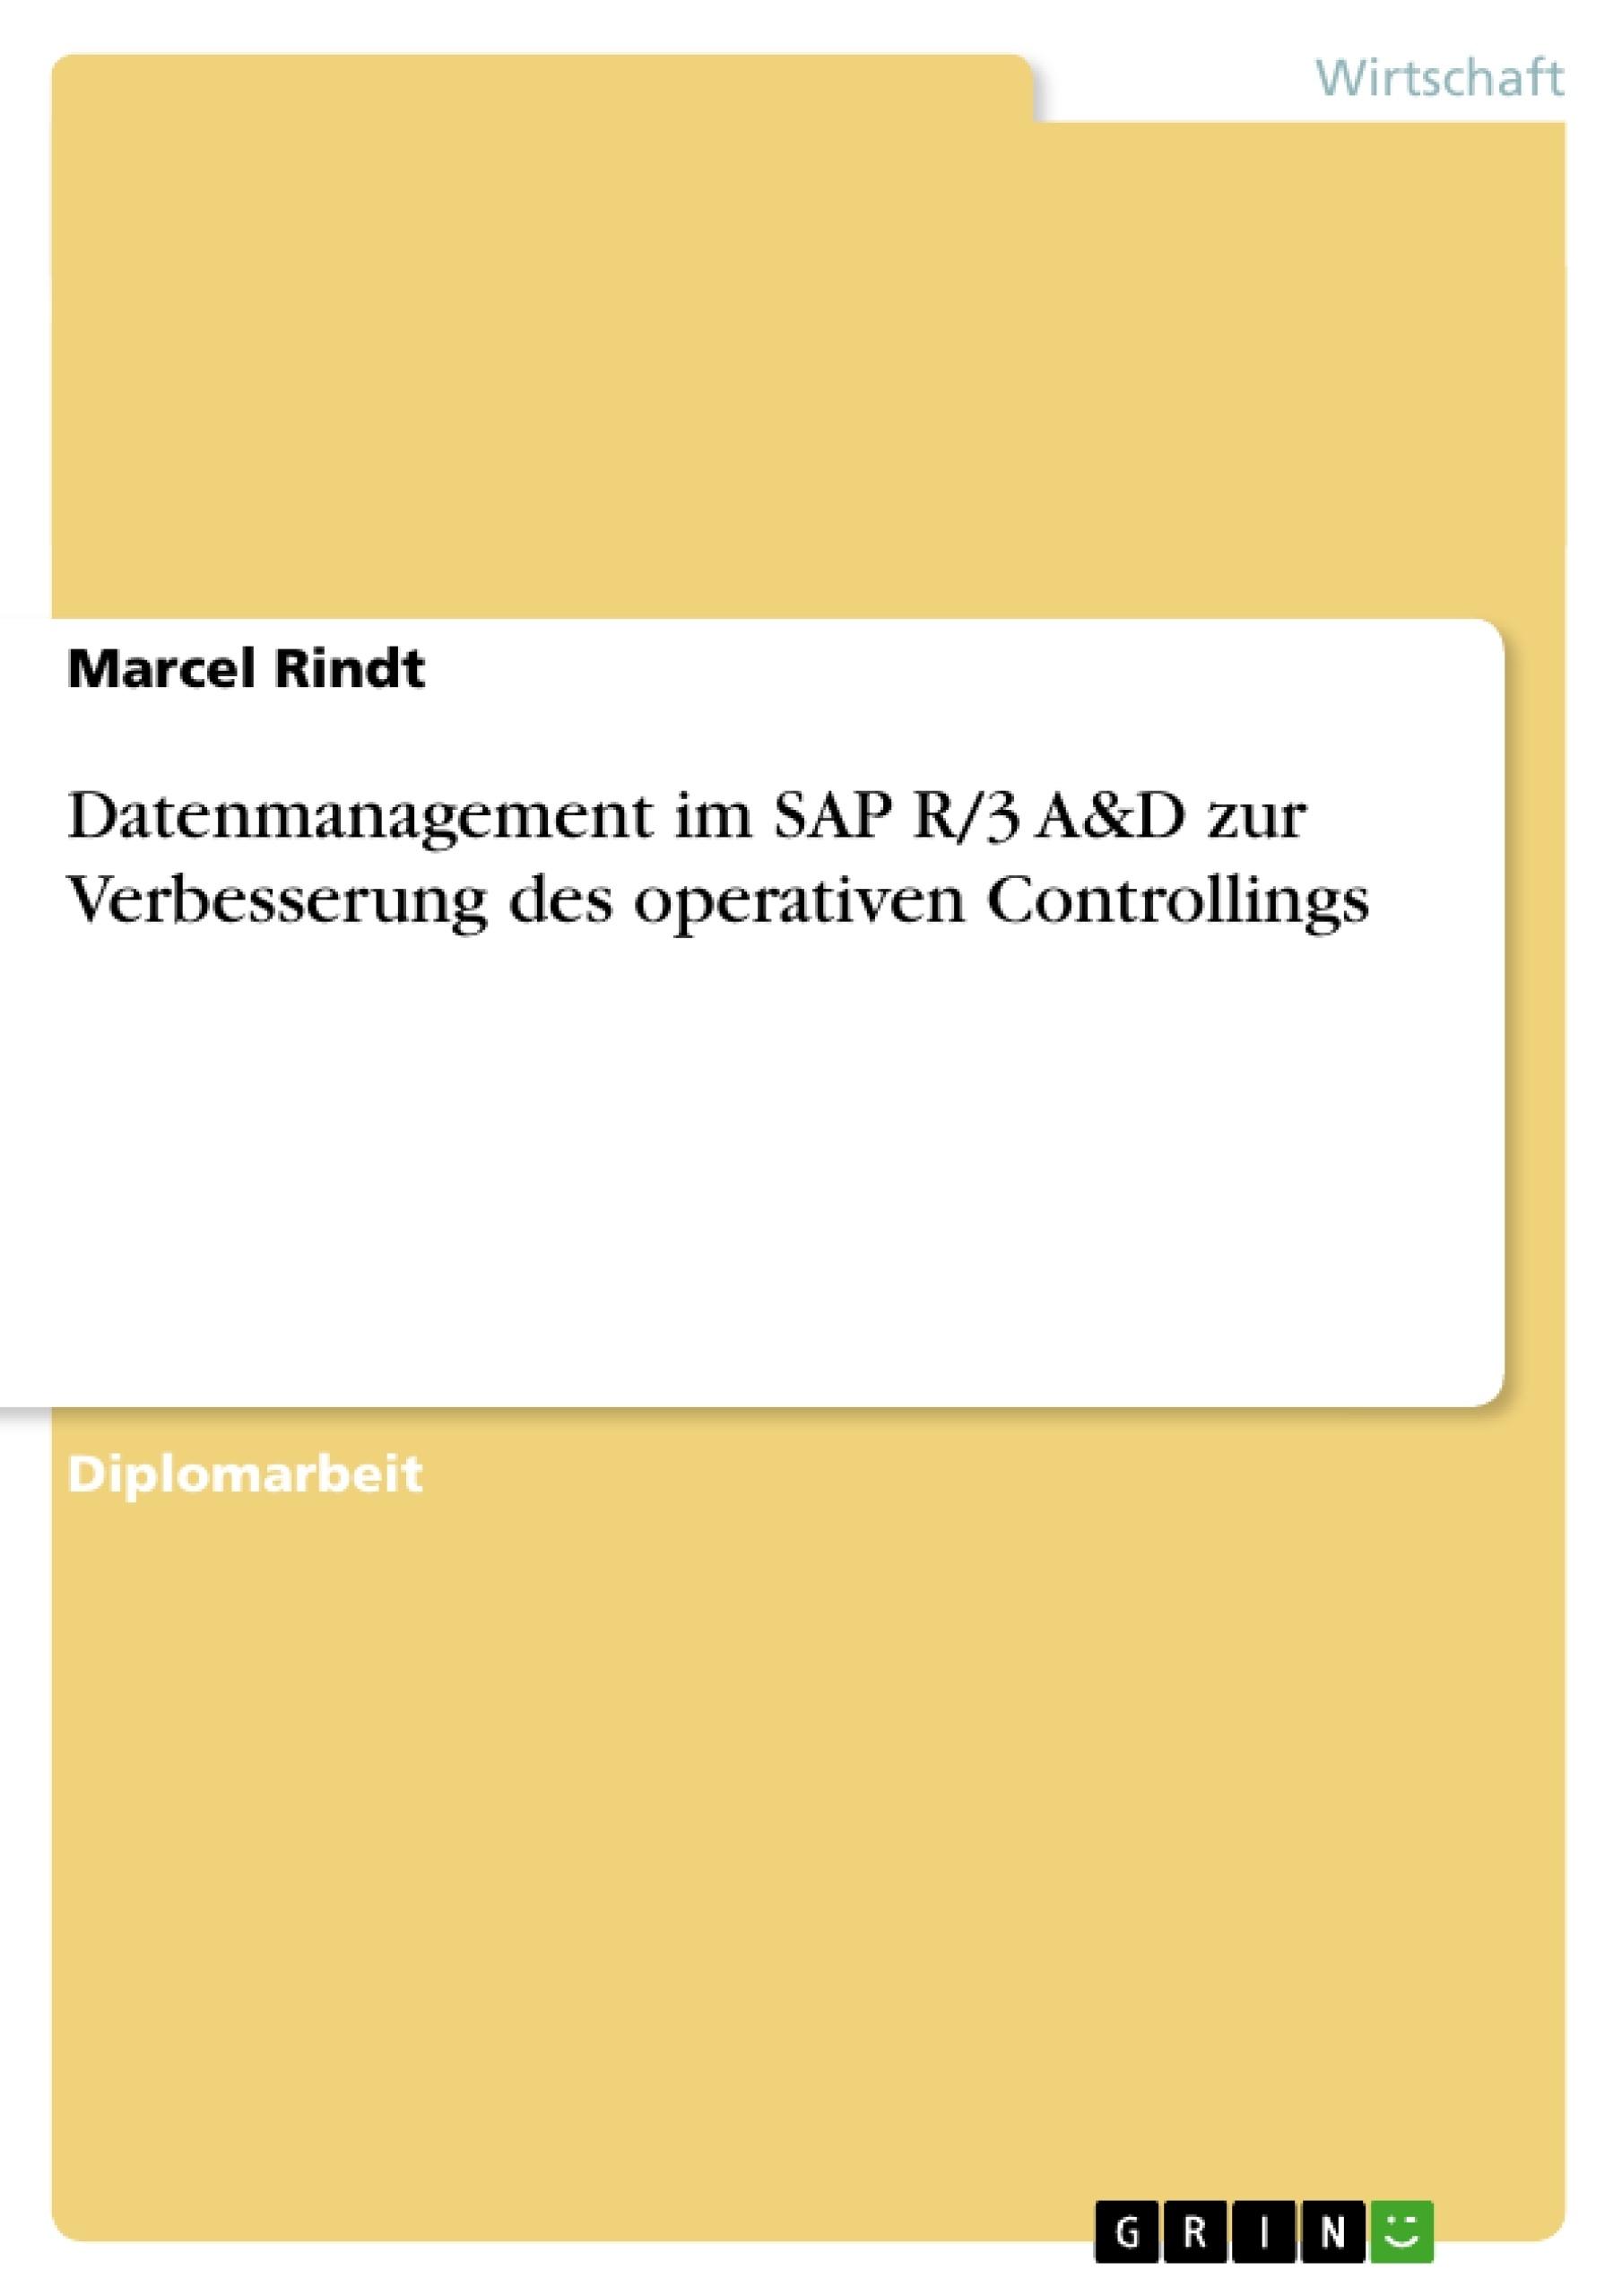 Titel: Datenmanagement im SAP R/3 A&D zur Verbesserung des operativen Controllings